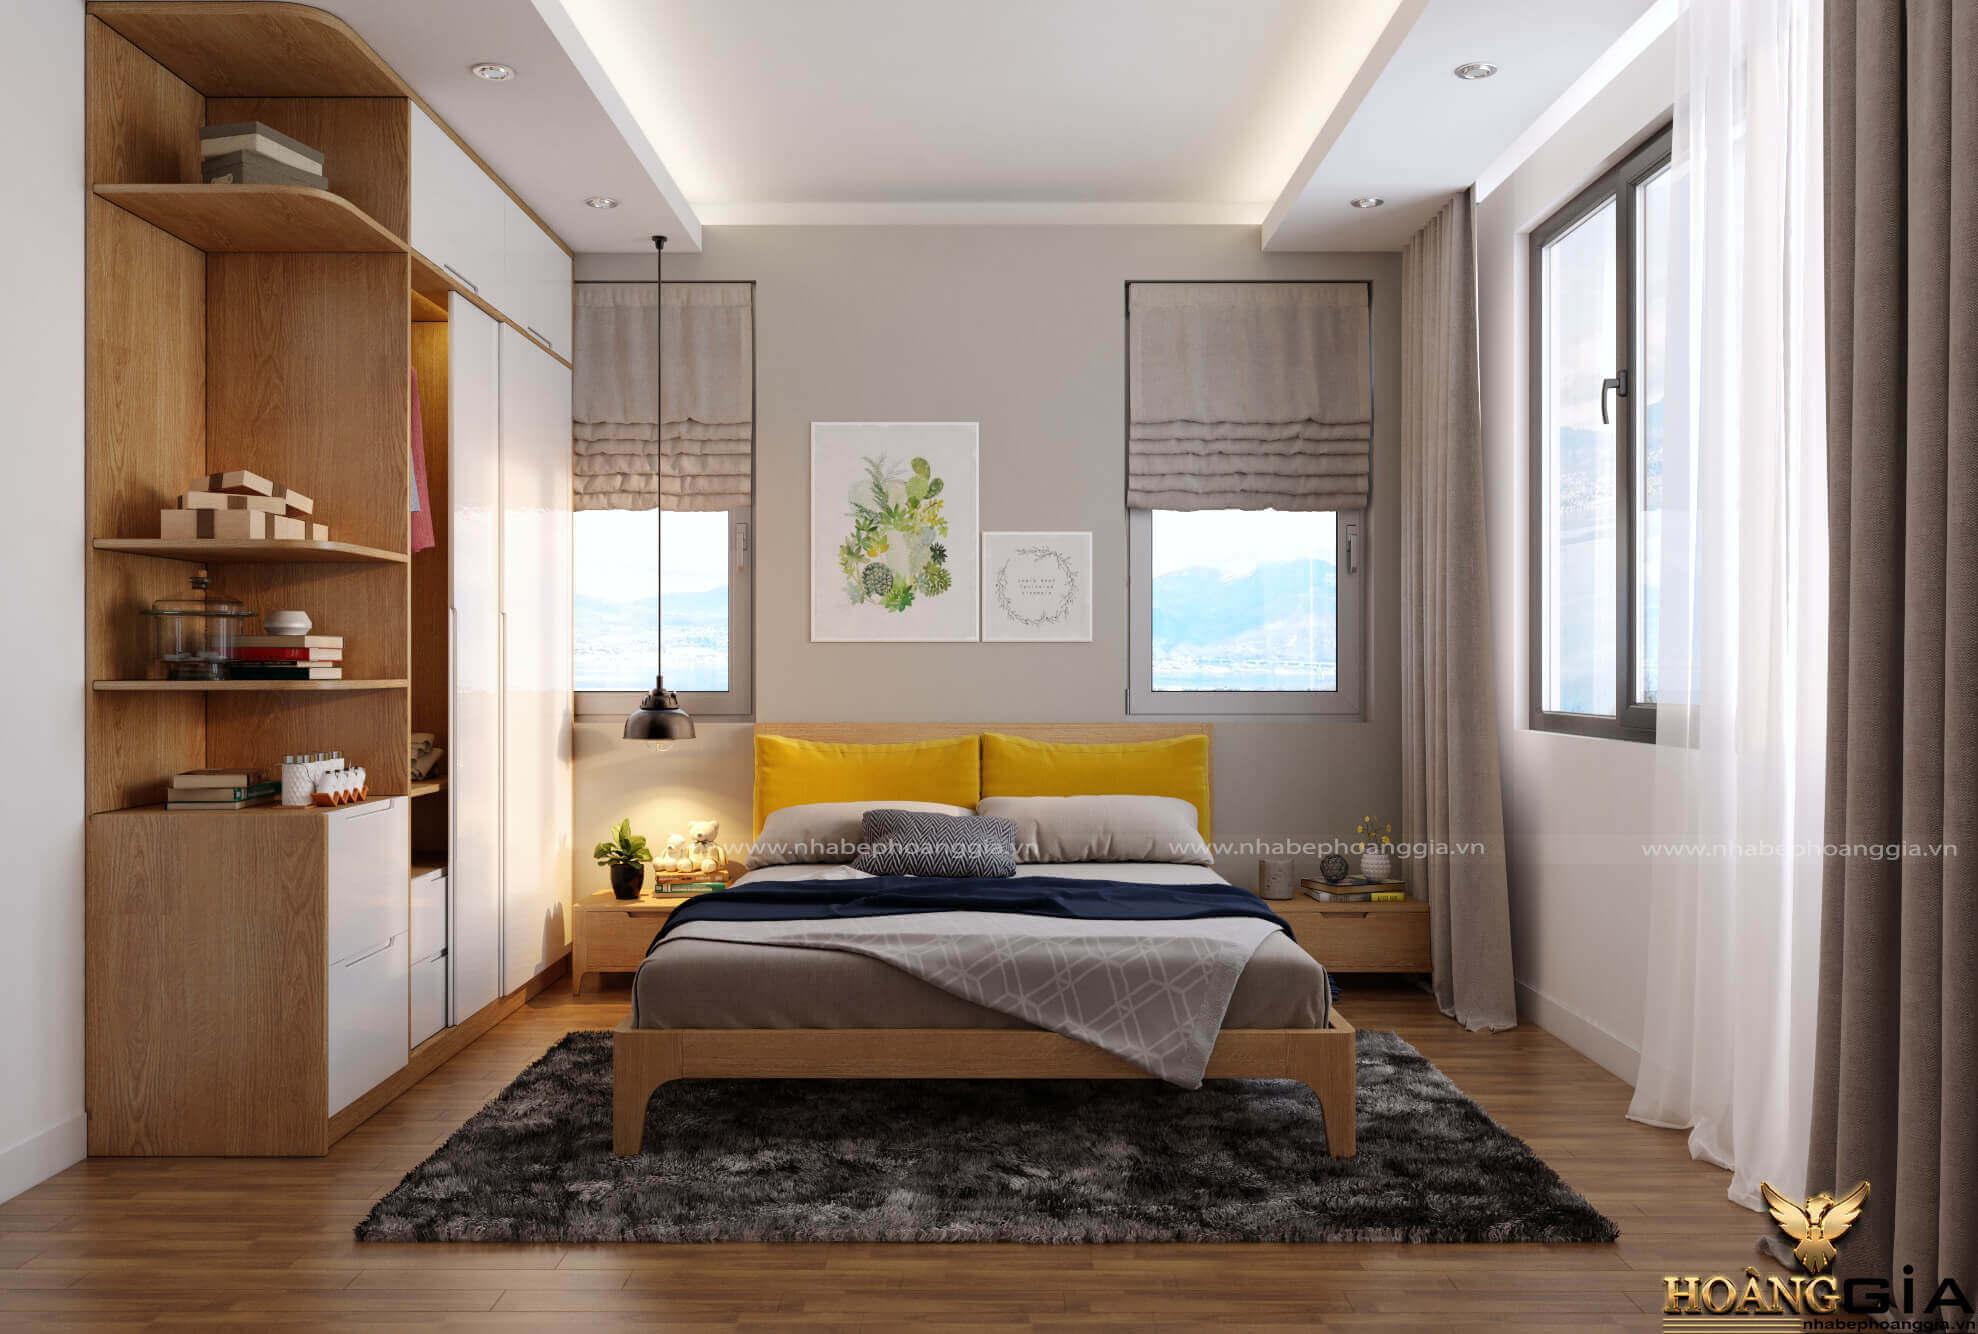 mẫu giường ngủ gỗ sồi đẹp 2019